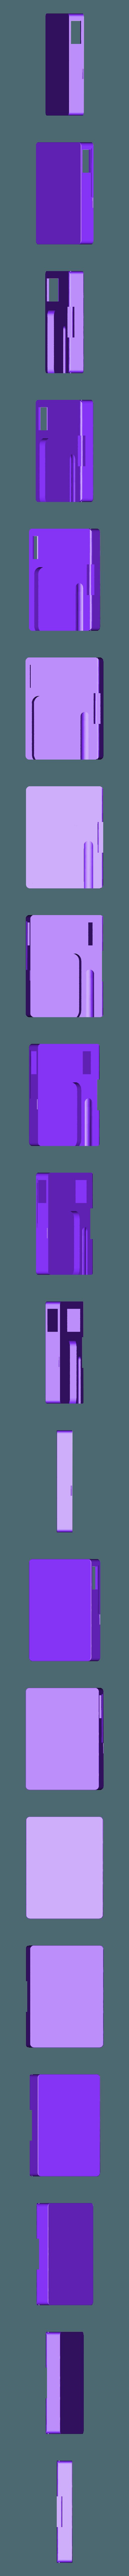 gluco_case_BODY.stl Télécharger fichier STL gratuit glucomètre FreeStyle Optium Neo • Modèle pour impression 3D, rubenzilzer